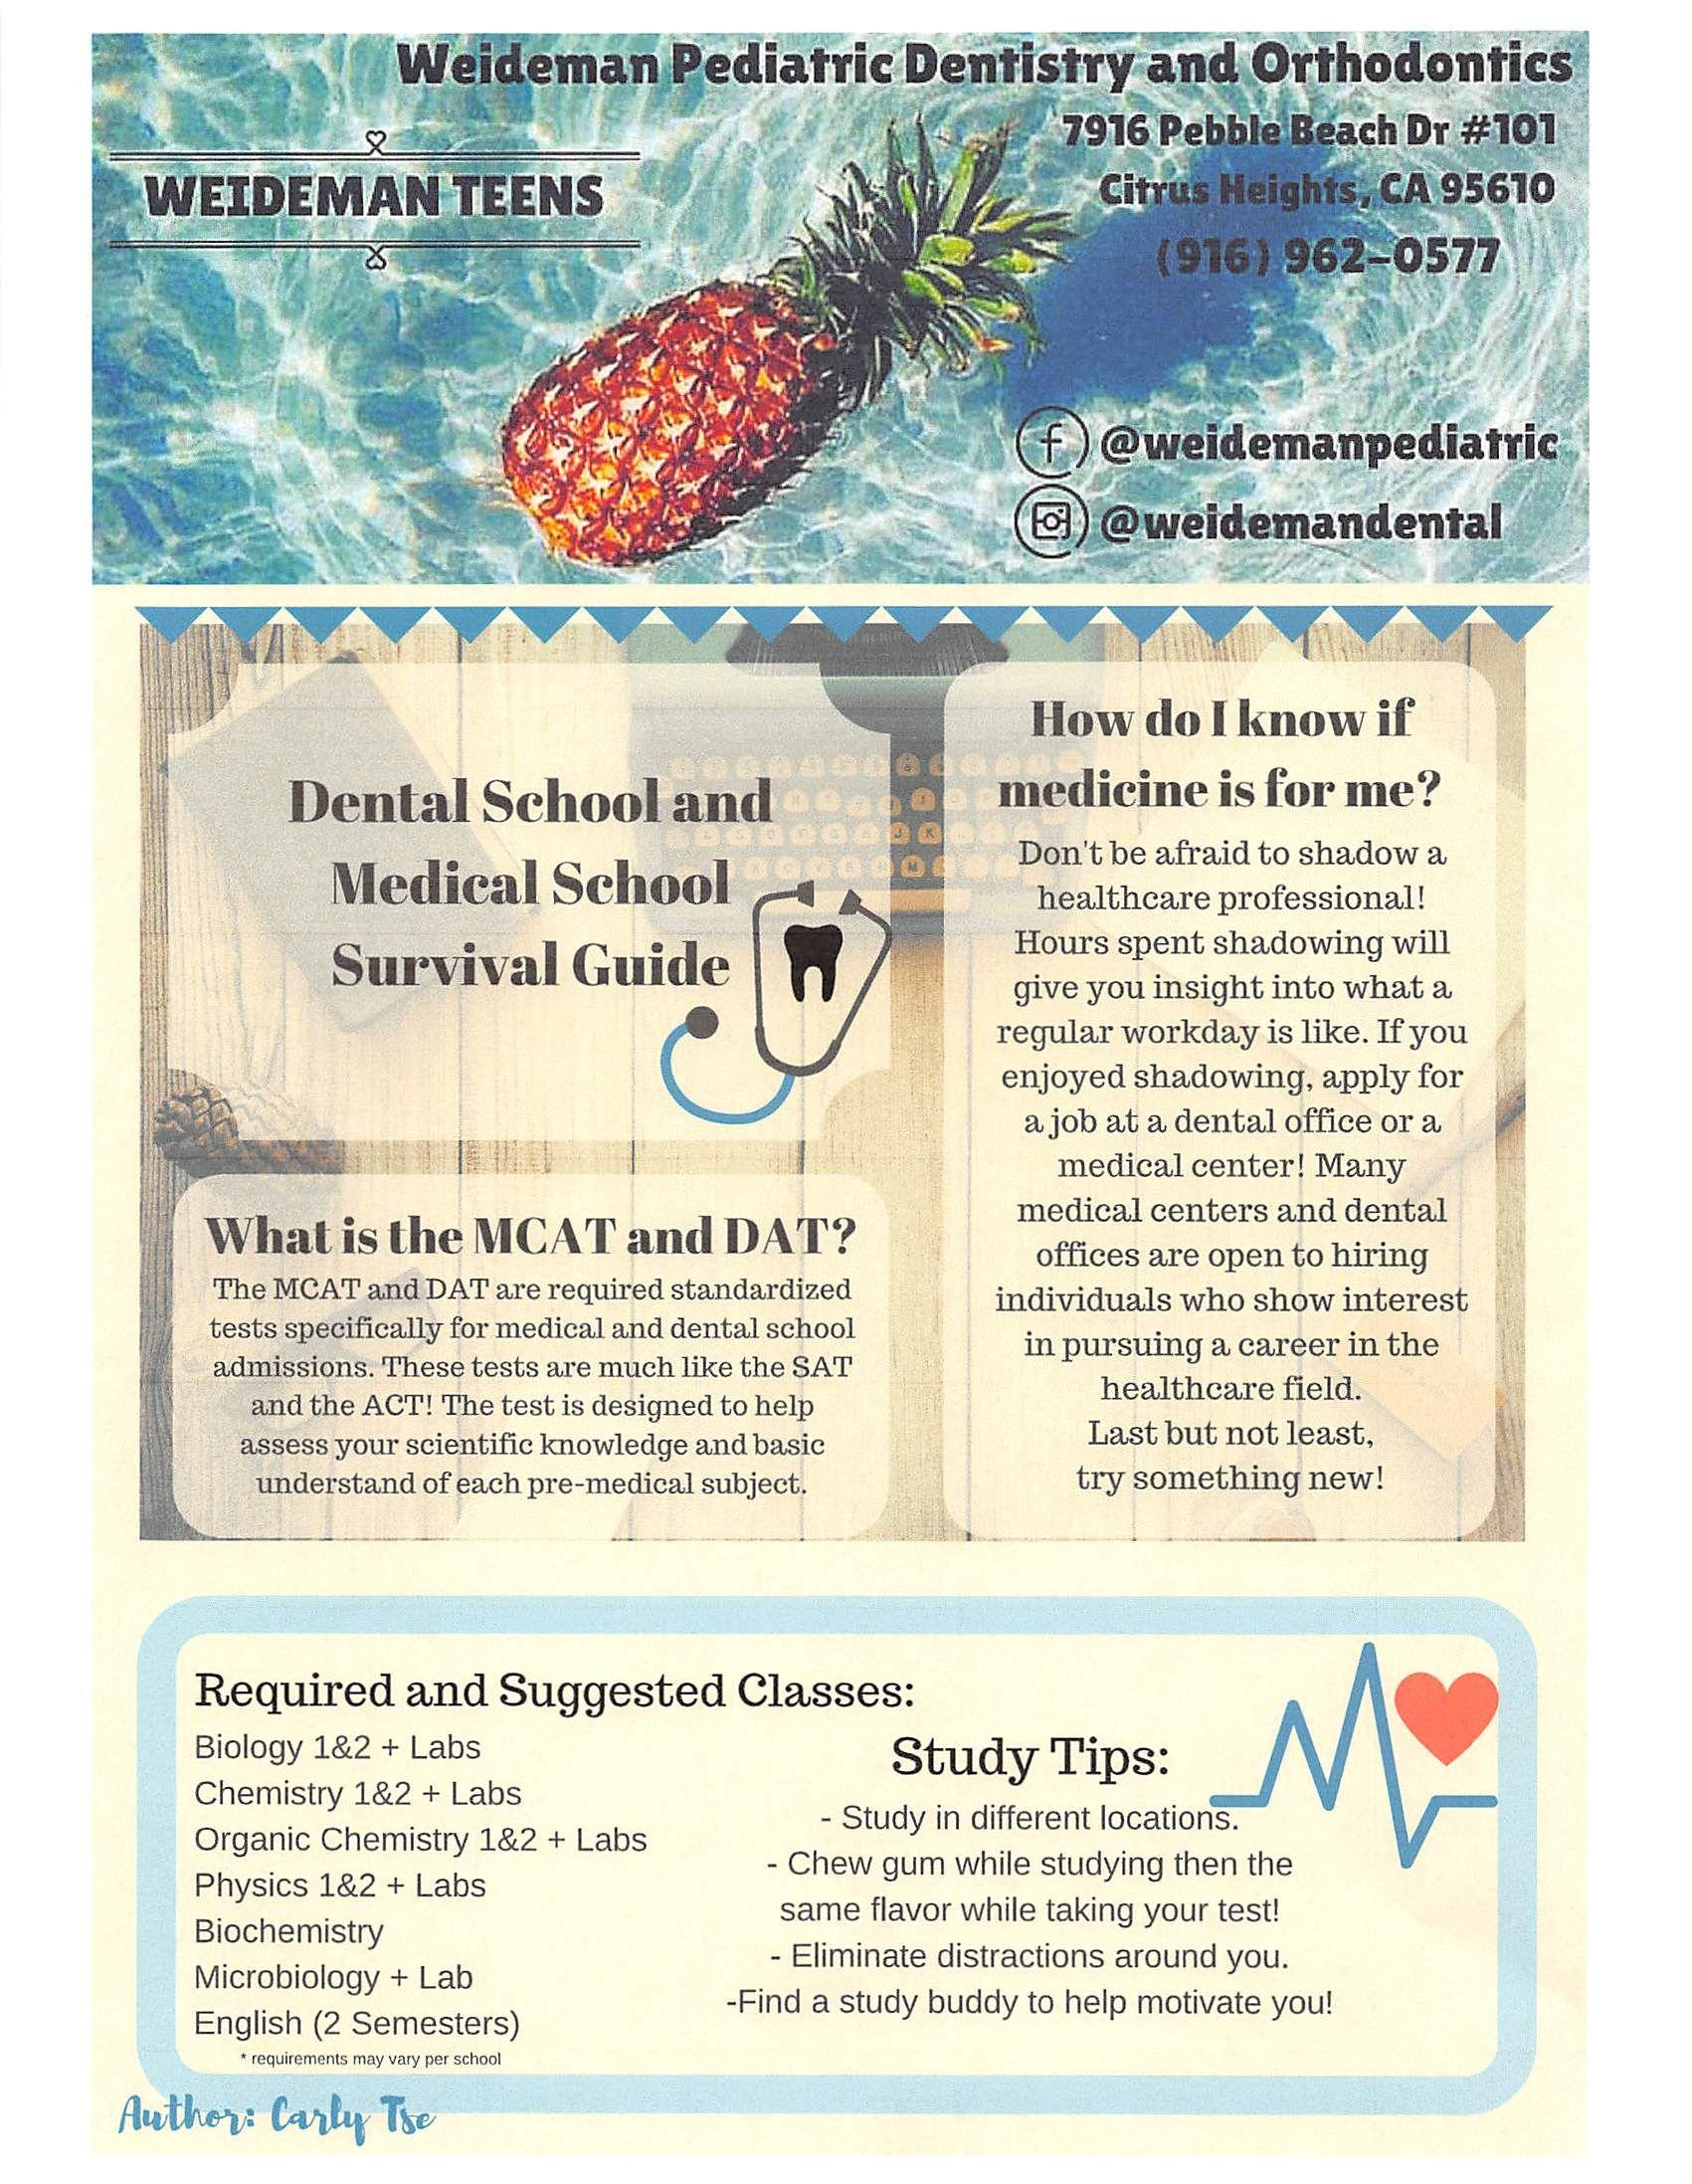 Weideman Teens Newsletter - March 2017 - Dental/Medical School Edition #TeamWeideman #WeidemanDental www.sacchildrensdentist.com